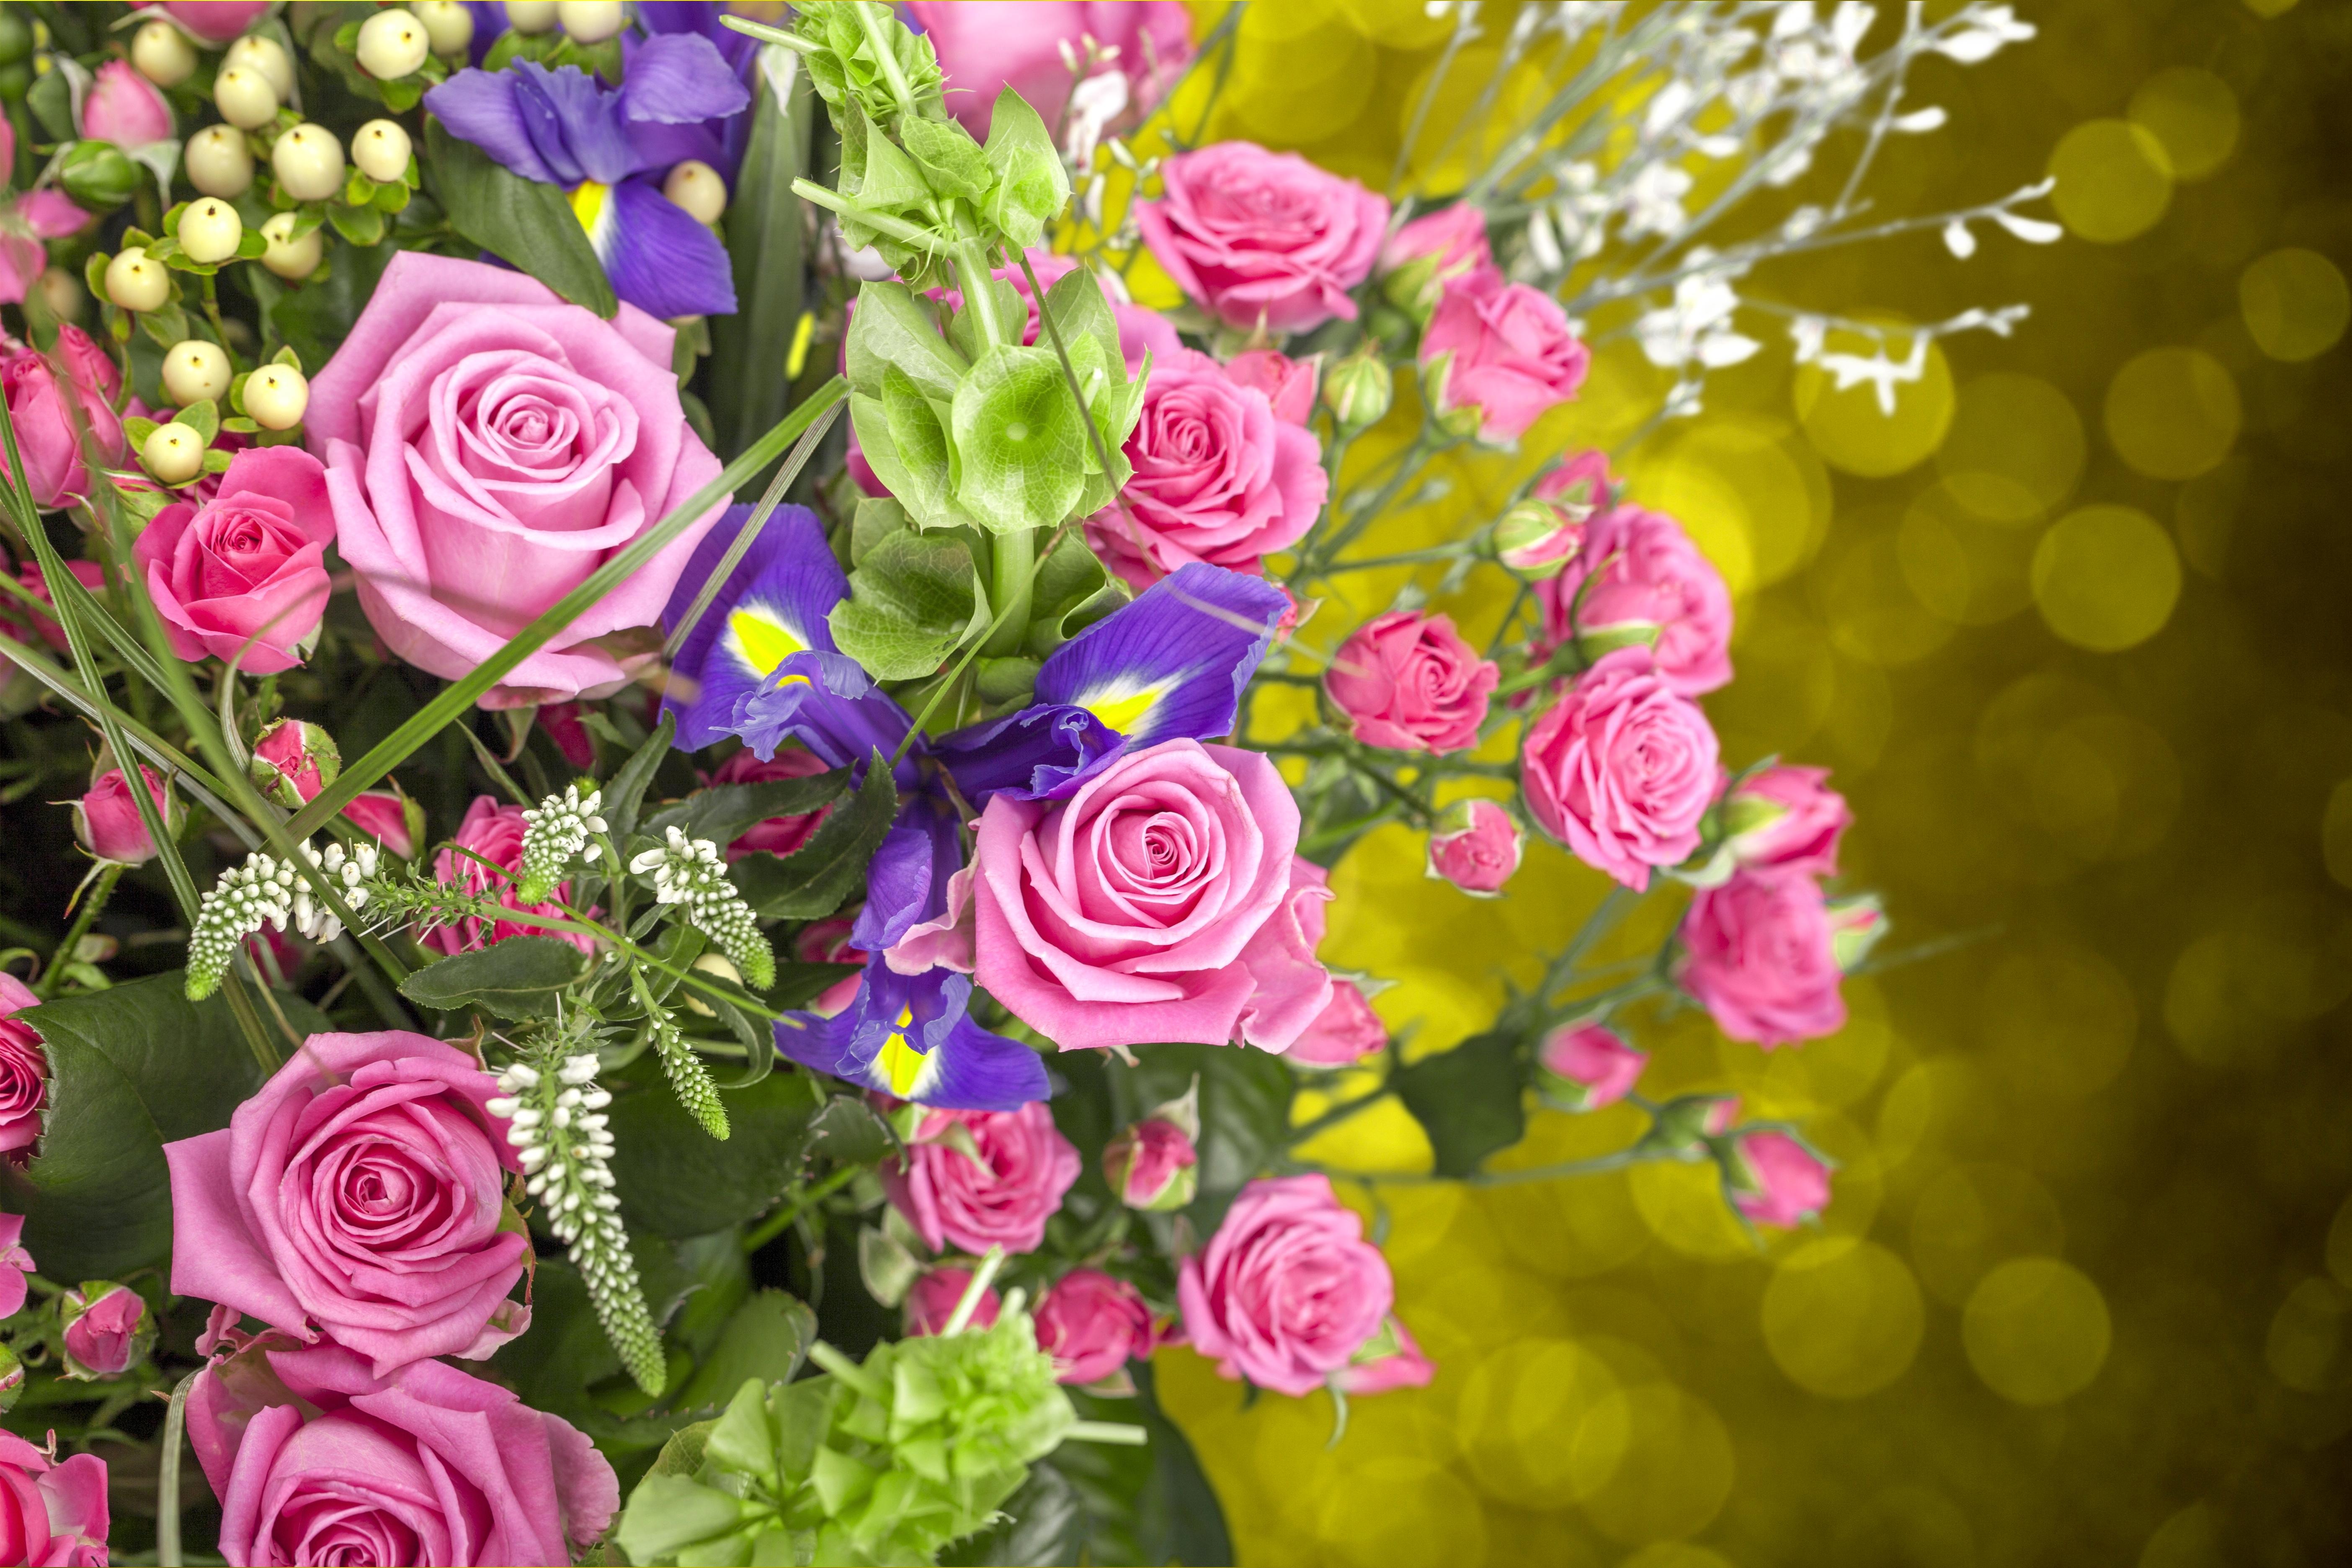 Открытки для телефона цветы, марта анимация прикольные